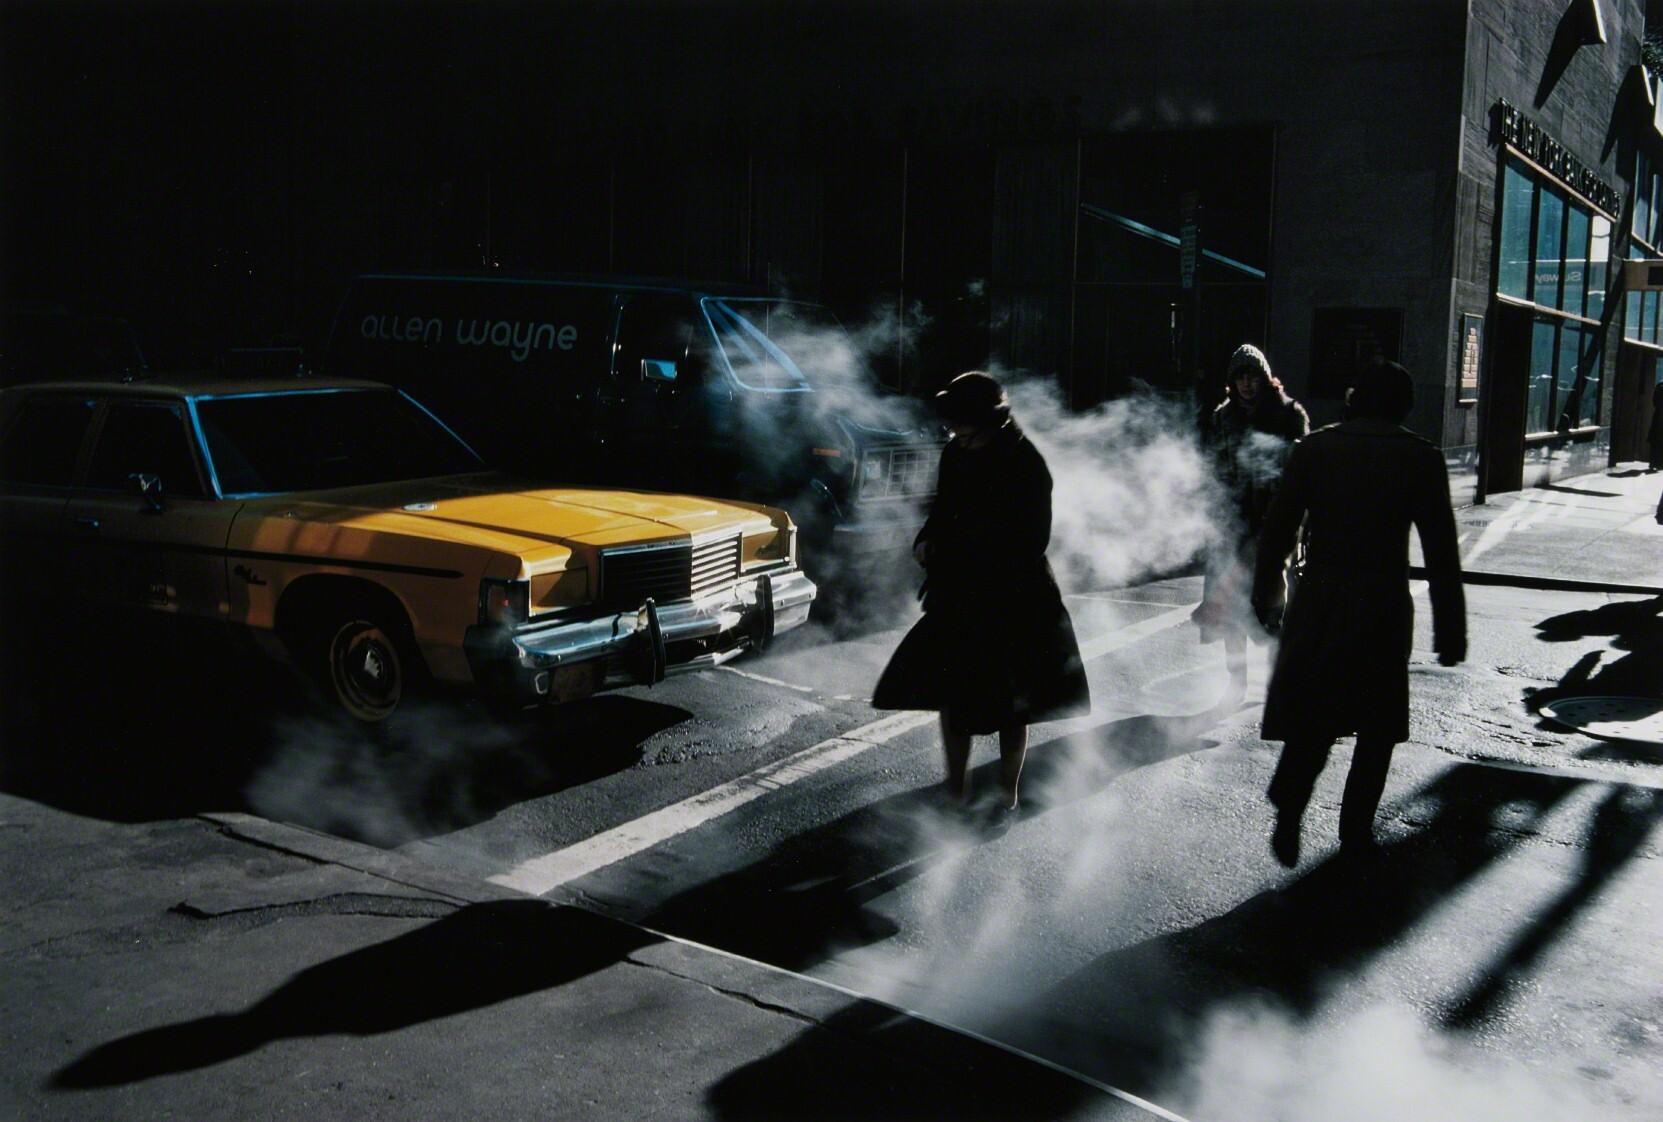 Пешеходный переход, Нью-Йорк, 1980. Фотограф Эрнст Хаас